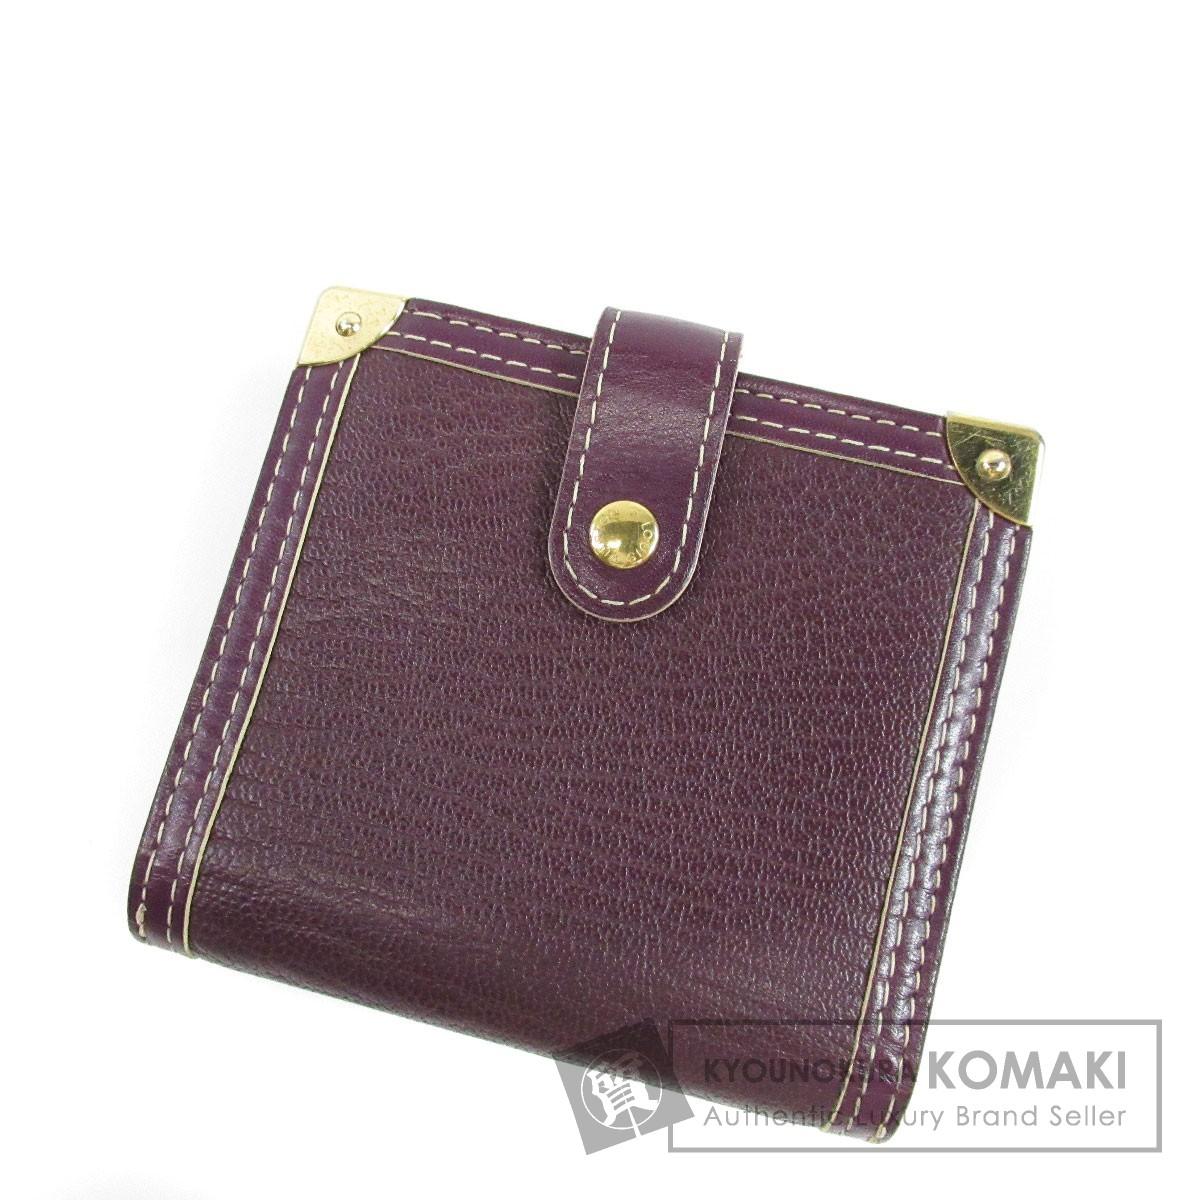 LOUIS VUITTON コンパクトジップ 二つ折り財布(小銭入れあり) スハリ レディース 【中古】【ルイ・ヴィトン】